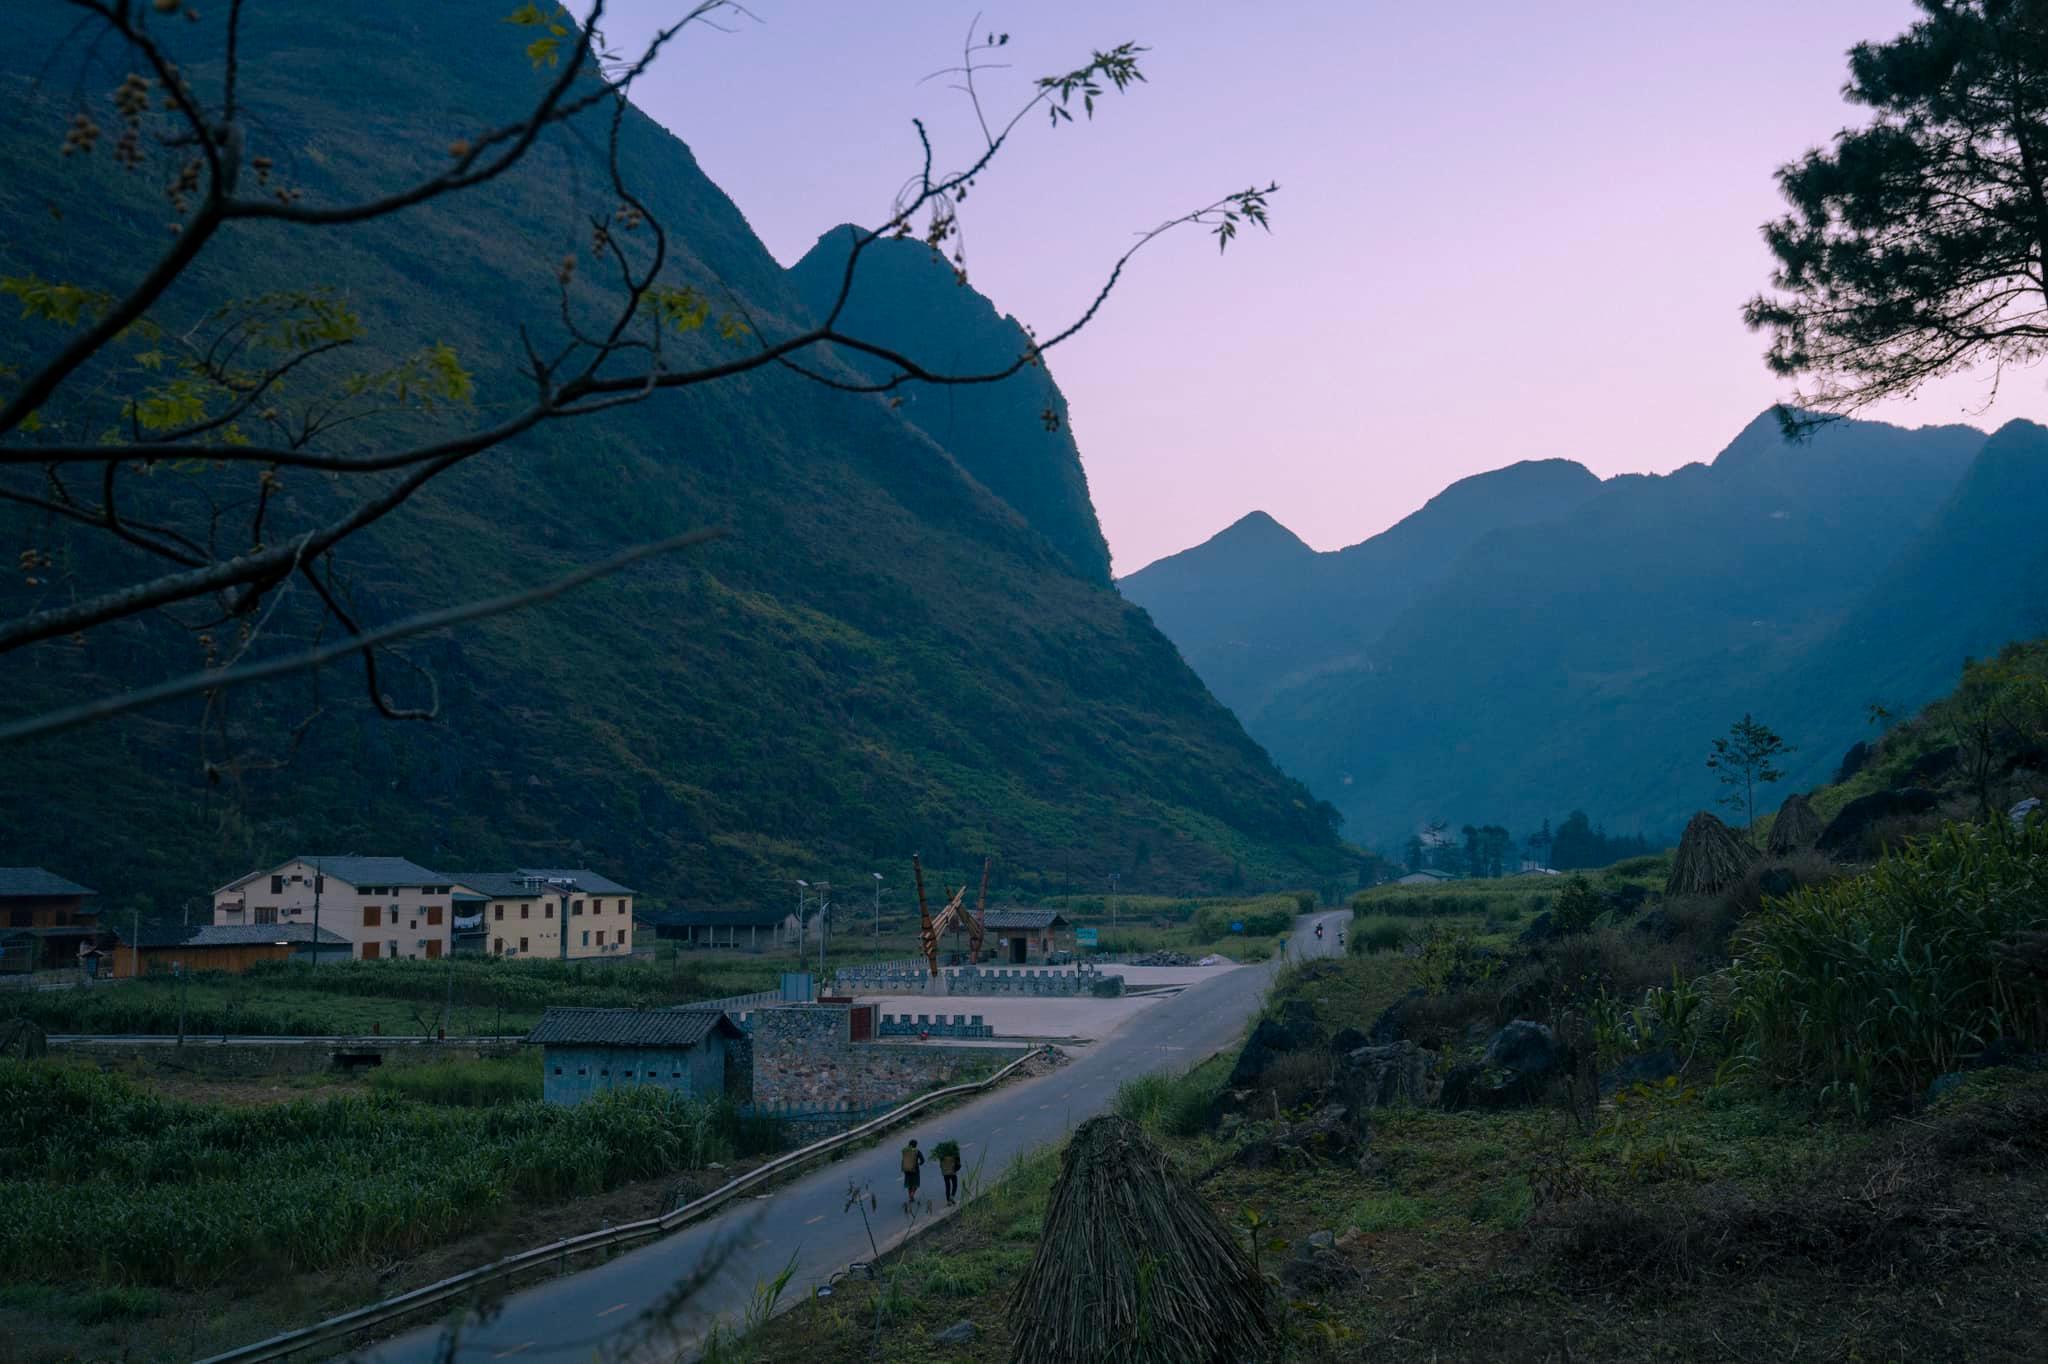 Những con đường tuyệt đẹp của Hà Giang. Hình: Nguyen Thanh Vu